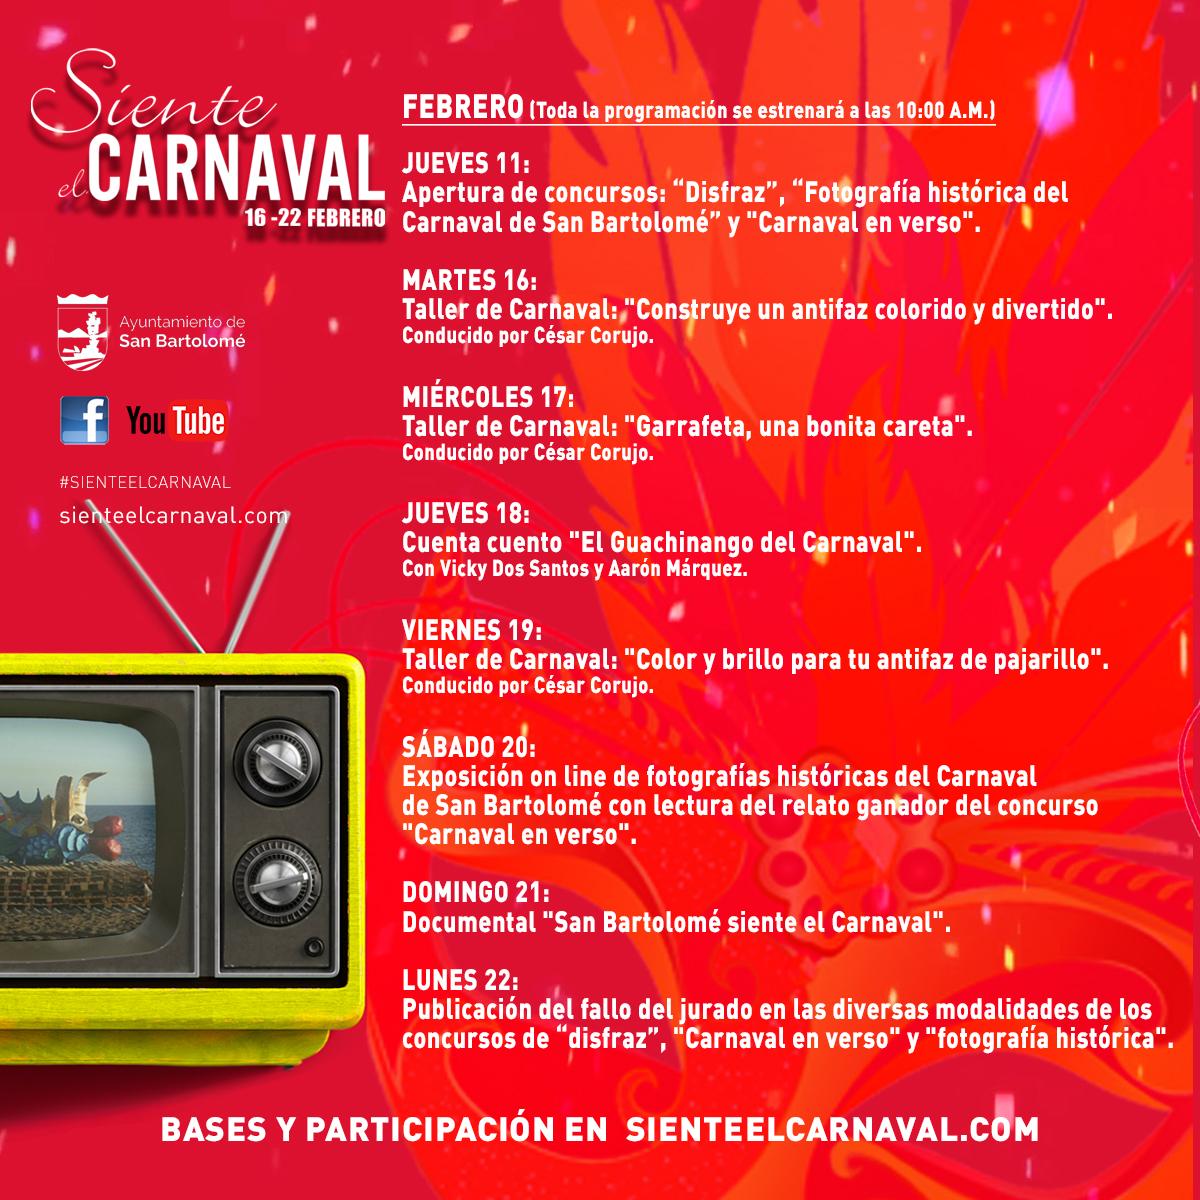 Online. Programación carnavalera de San Bartolomé del 16 al 21 de febrero 2021